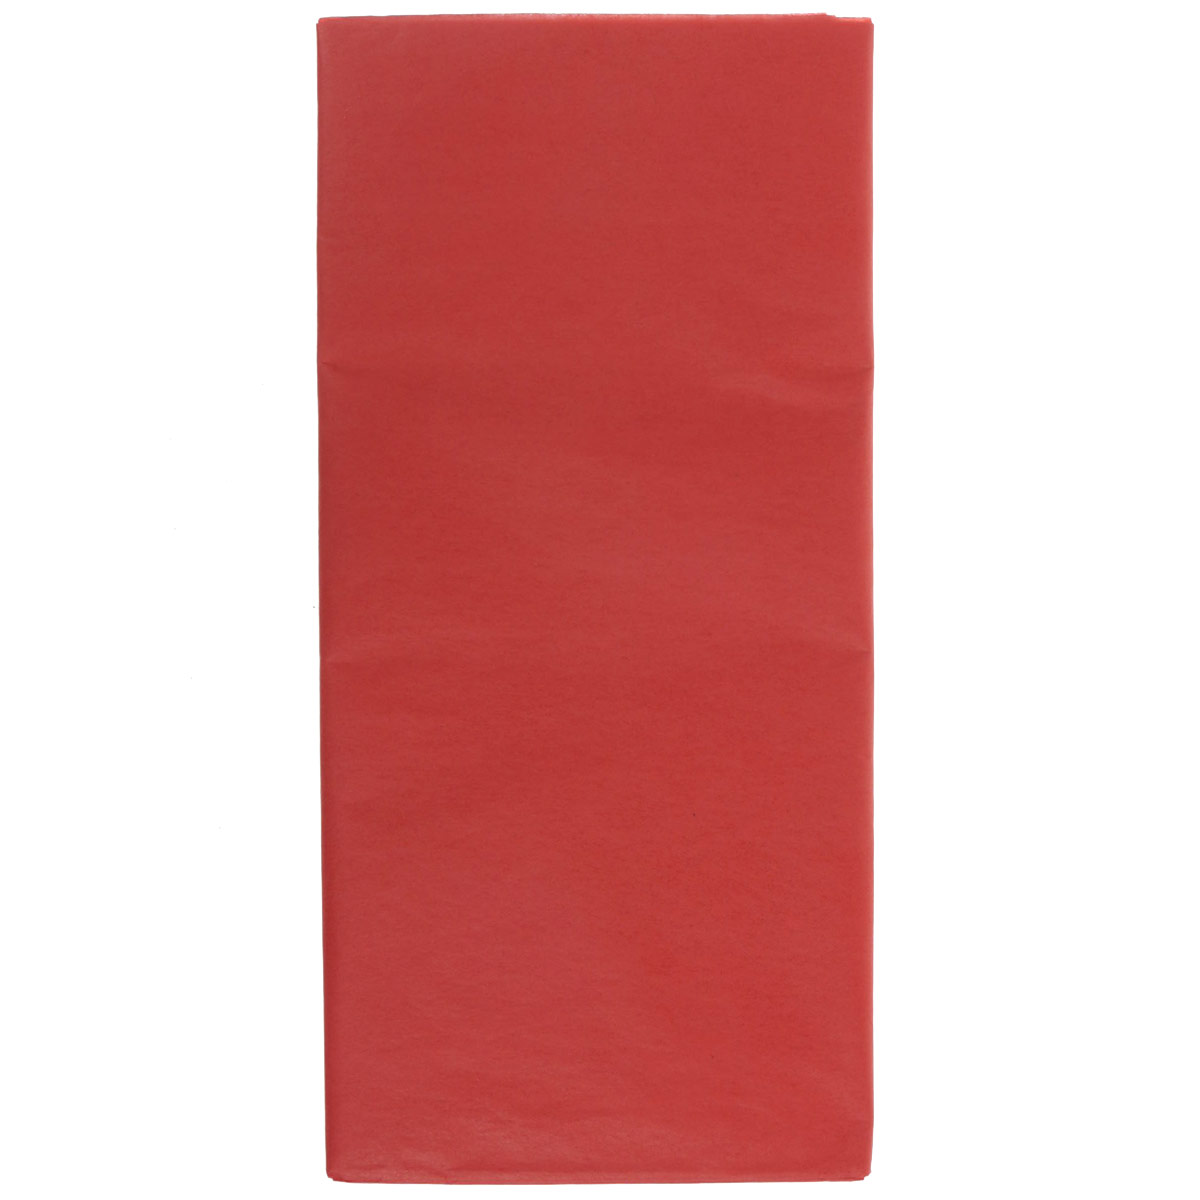 Бумага папиросная Folia, цвет: красный (20), 50 х 70 см, 5 листов. 7708123_20NN-612-LS-PLБумага папиросная Folia - это великолепная тонкая и эластичная декоративная бумага. Такая бумага очень хороша для изготовления своими руками цветов и букетов с конфетами, топиариев, декорирования праздничных мероприятий. Также из нее получается шикарная упаковка для подарков. Интересный эффект дает сочетание мягкой полупрозрачной фактуры папиросной бумаги с жатыми и матовыми фактурами: креп-бумагой, тутовой и различными видами картона. Бумага очень тонкая, полупрозрачная - поэтому ее можно оригинально использовать в декоре стекла, светильников и гирлянд. Достаточно большие размеры листа и богатая цветовая палитра дают простор вашей творческой фантазии. Размер листа: 50 см х 70 см.Плотность: 20 г/м2.